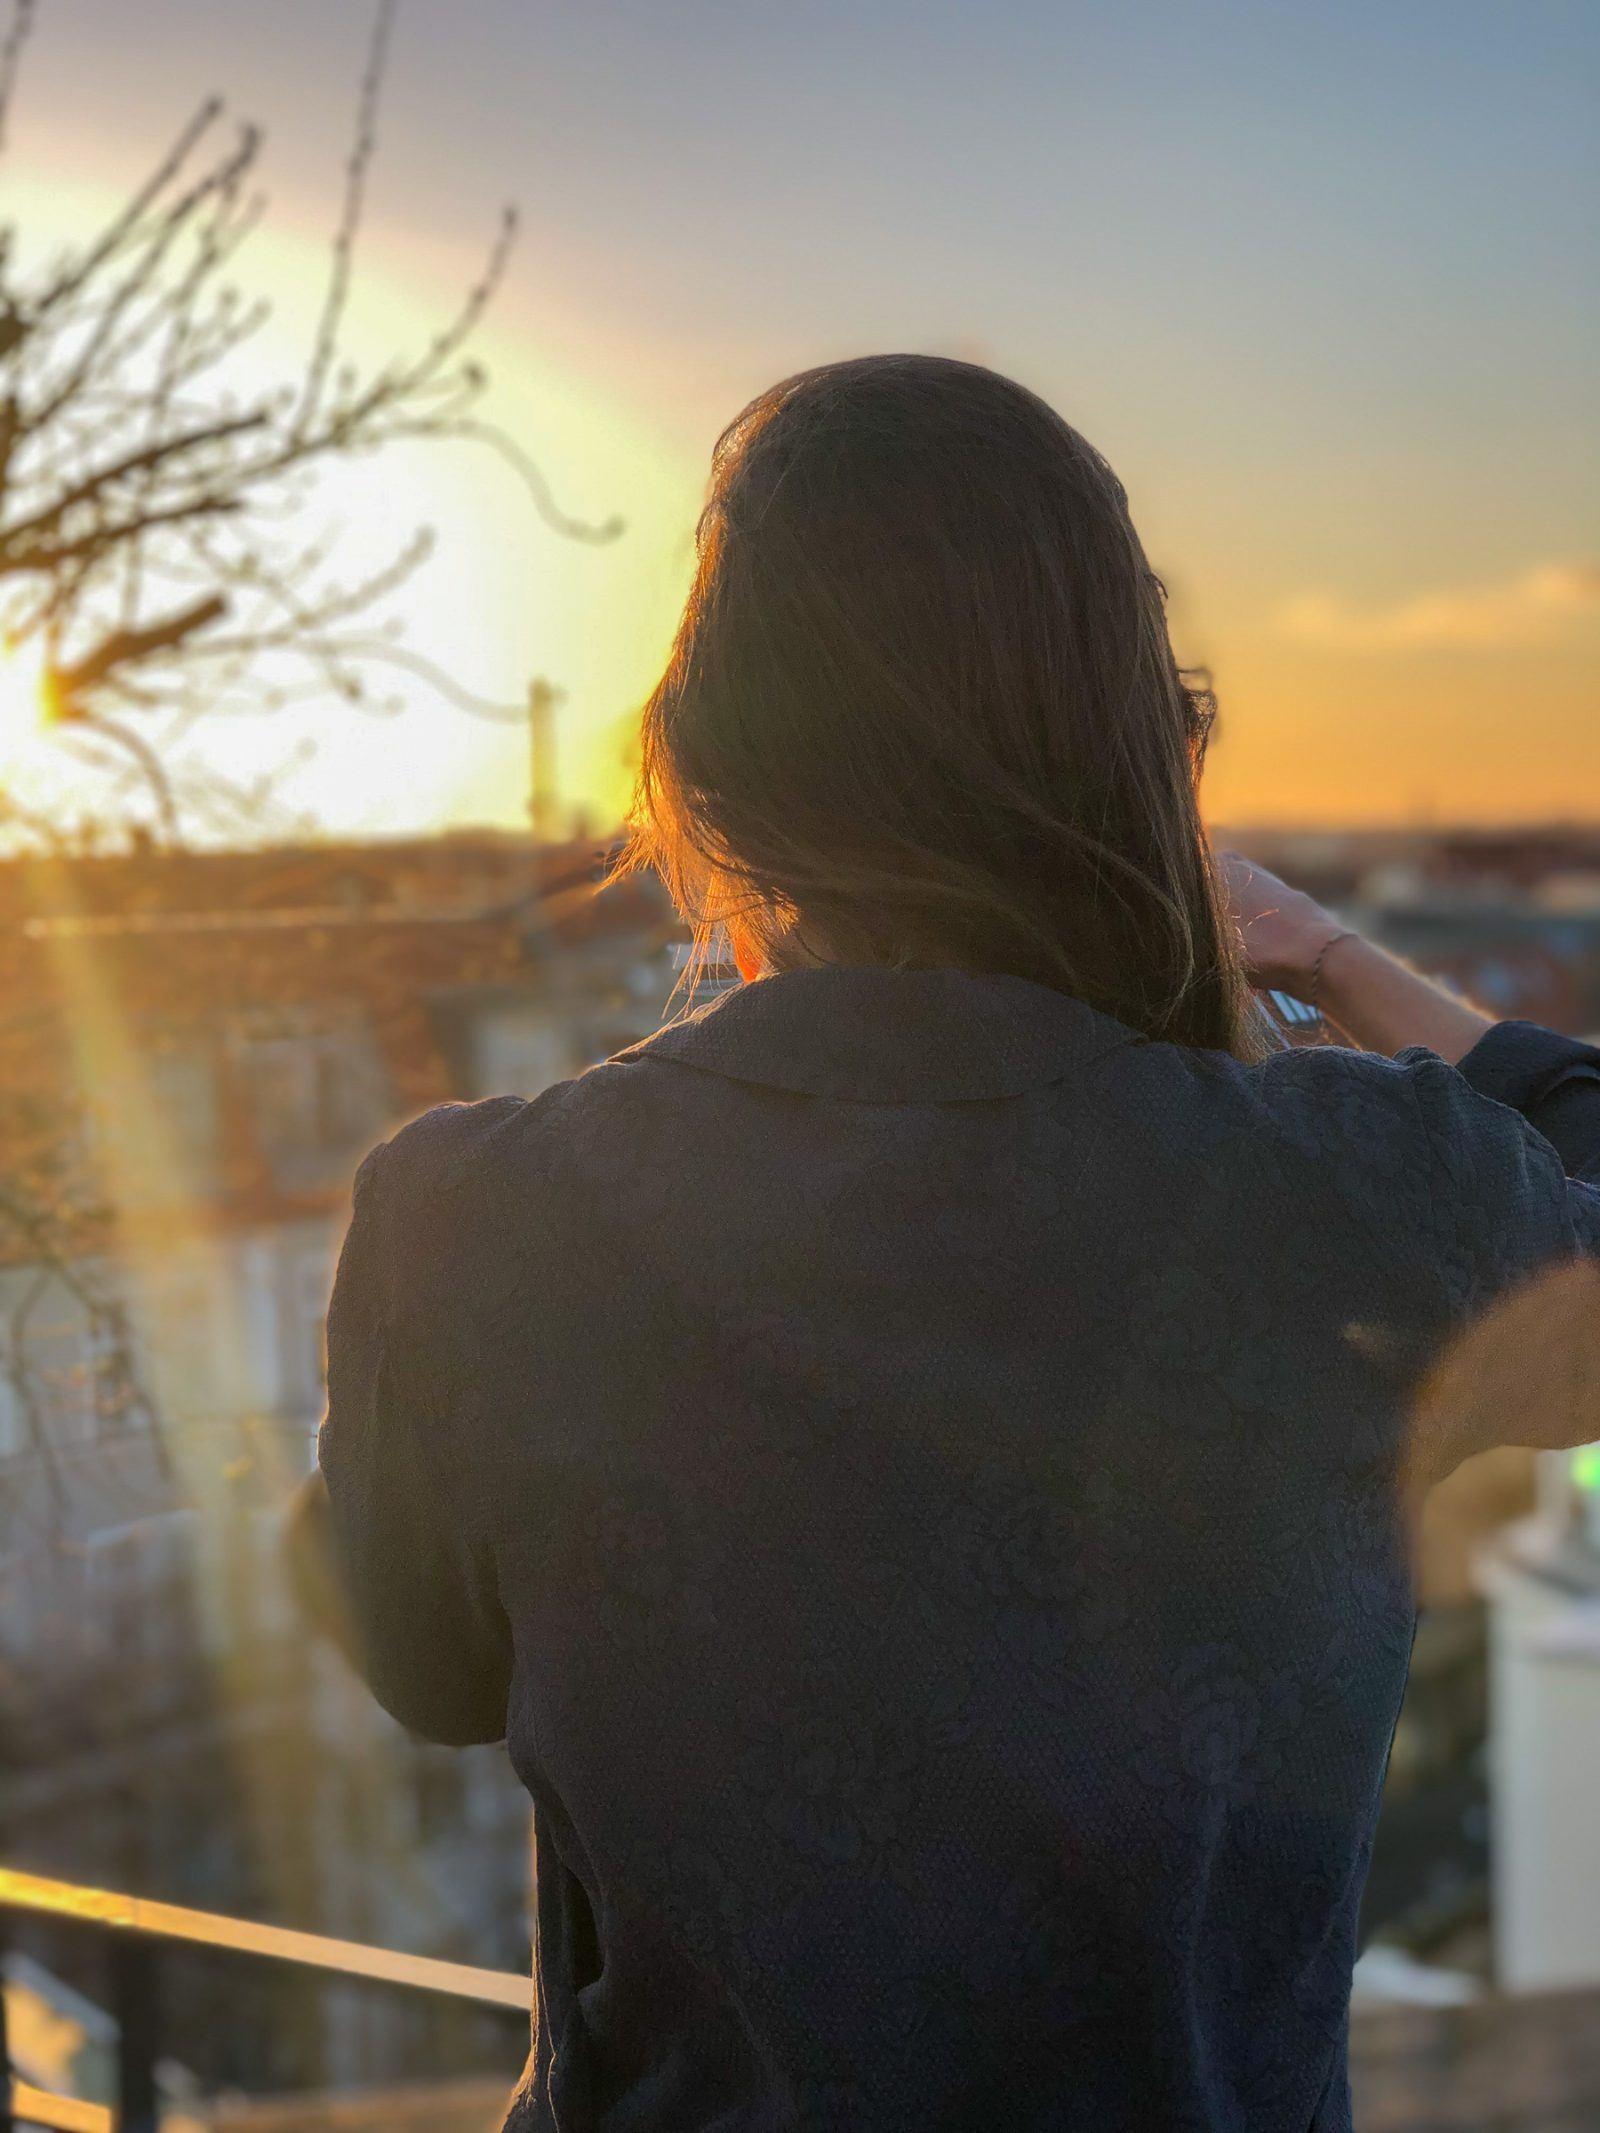 Lucy Martens fotografiert den Sonnenuntergang auf der Terrasse von Peter Raue